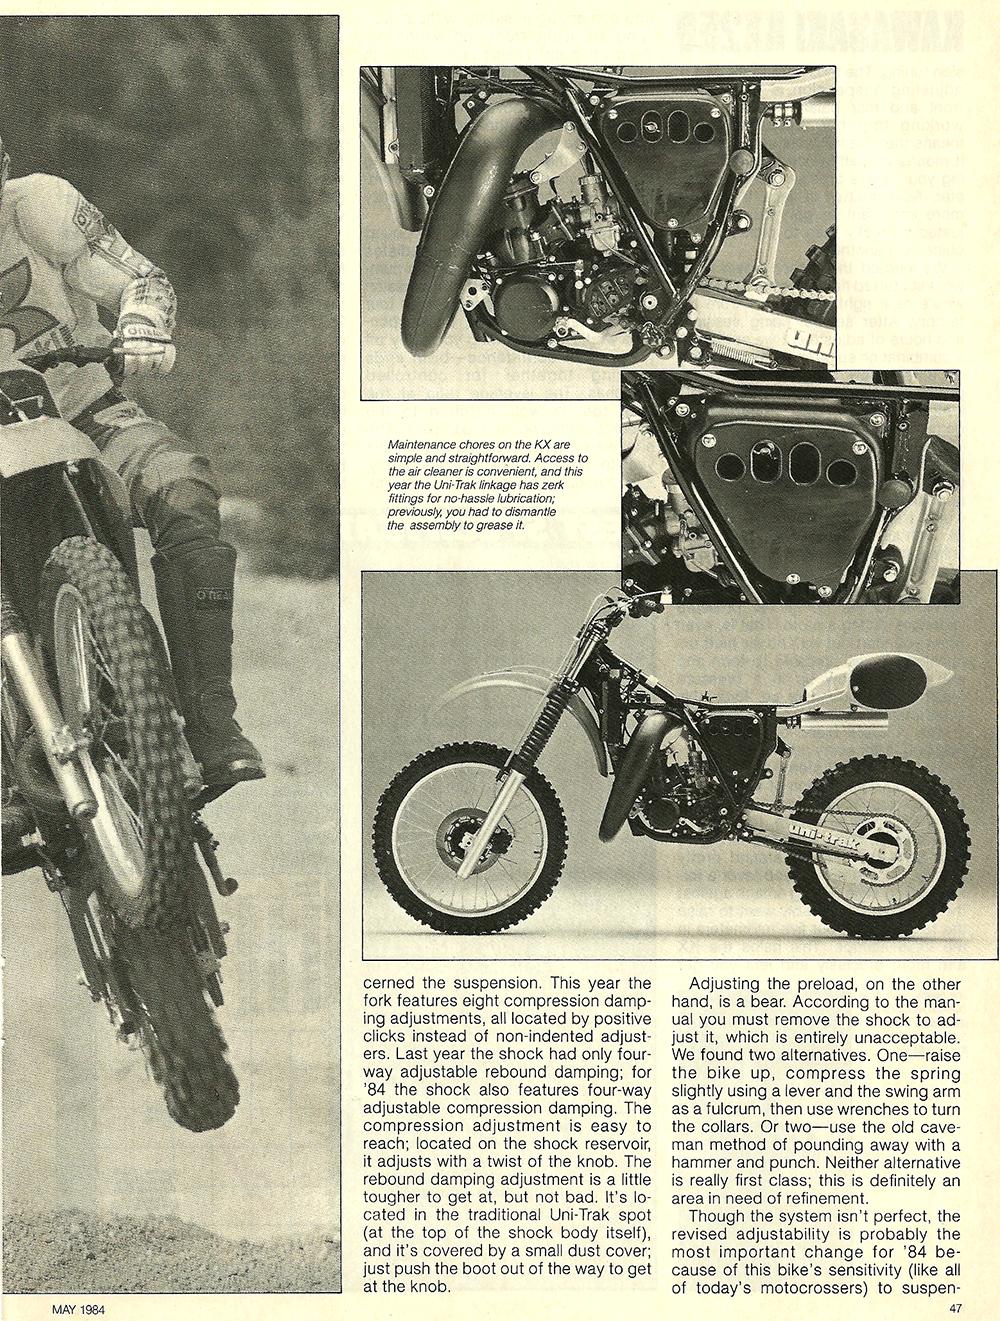 1984 Kawasaki KX250 road test 6.jpg